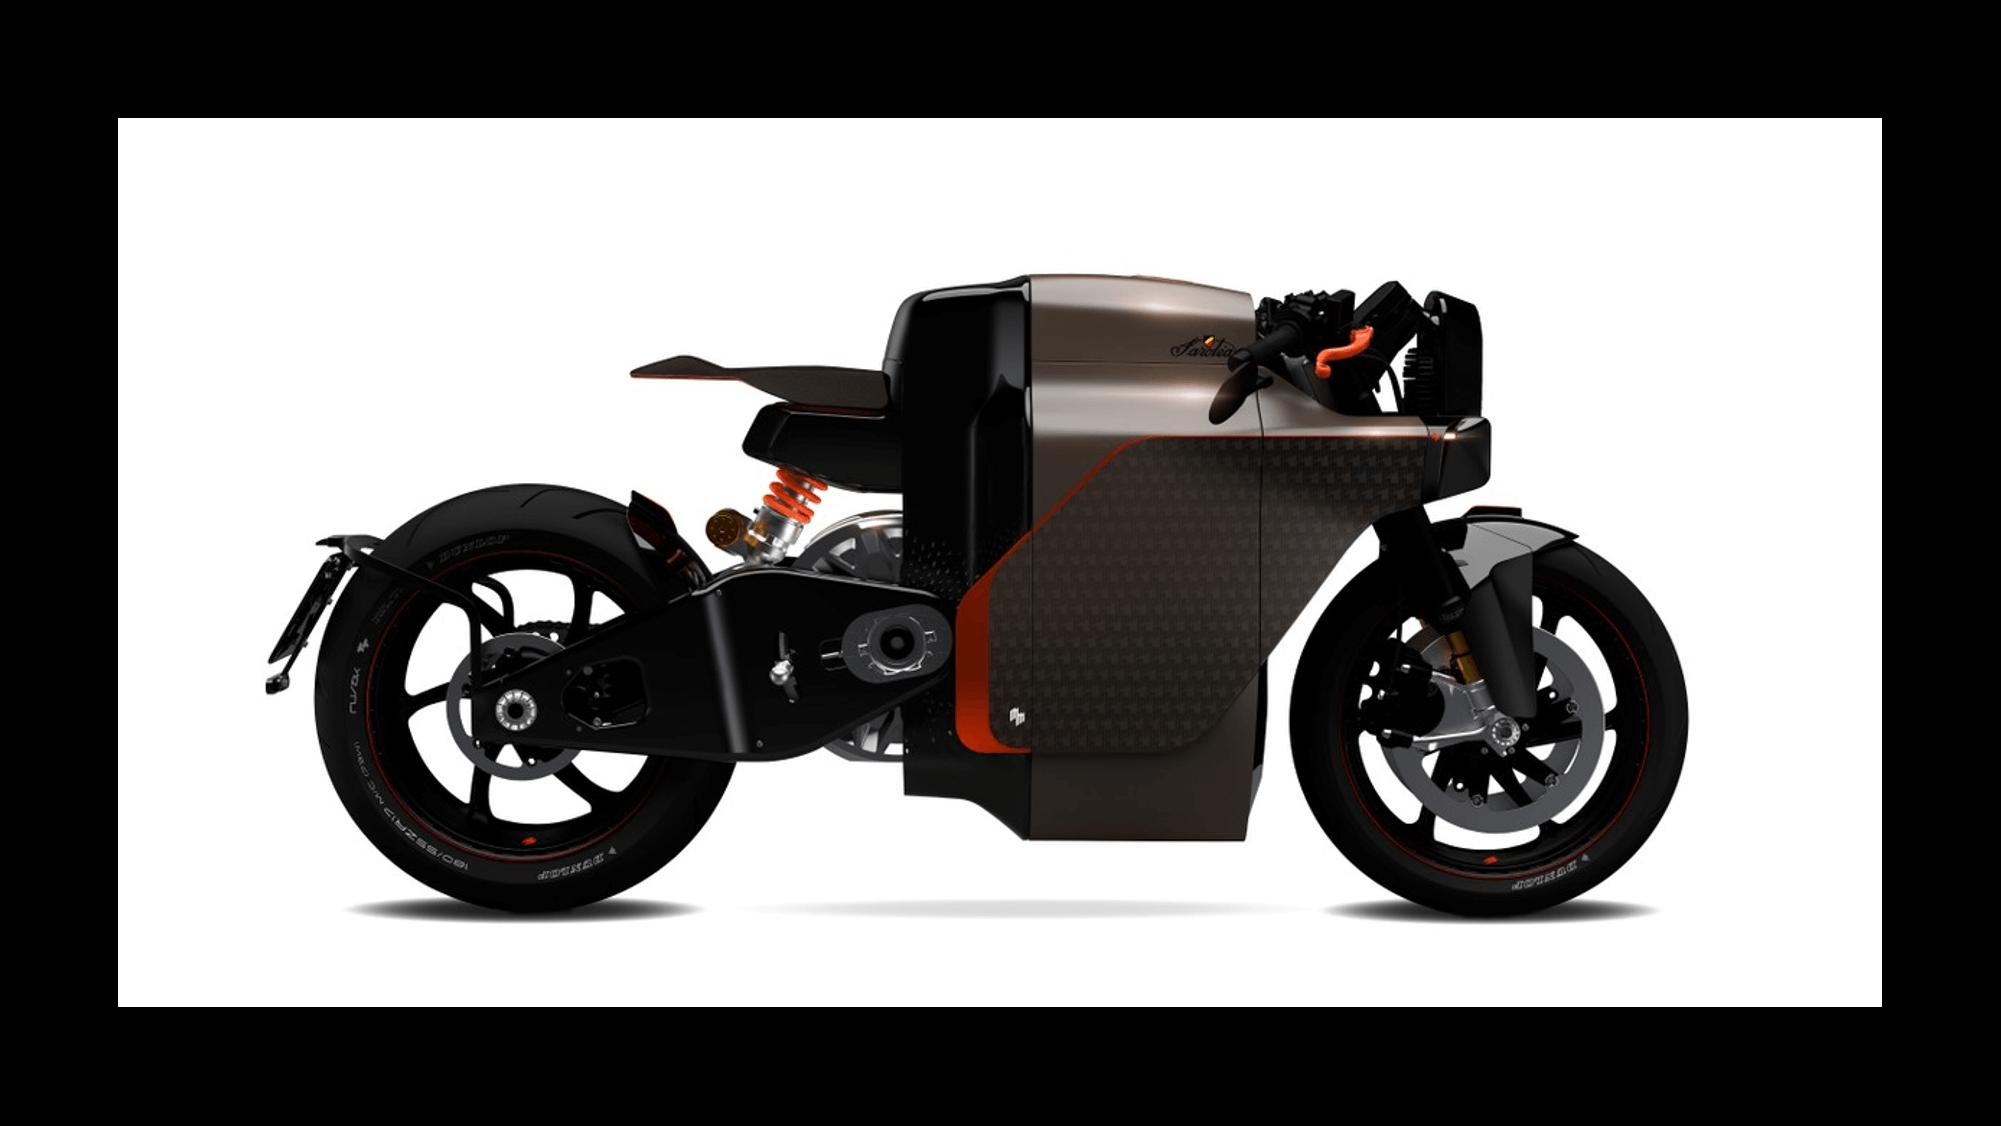 N60 Sarolea Motorcycles moto électrique puissante